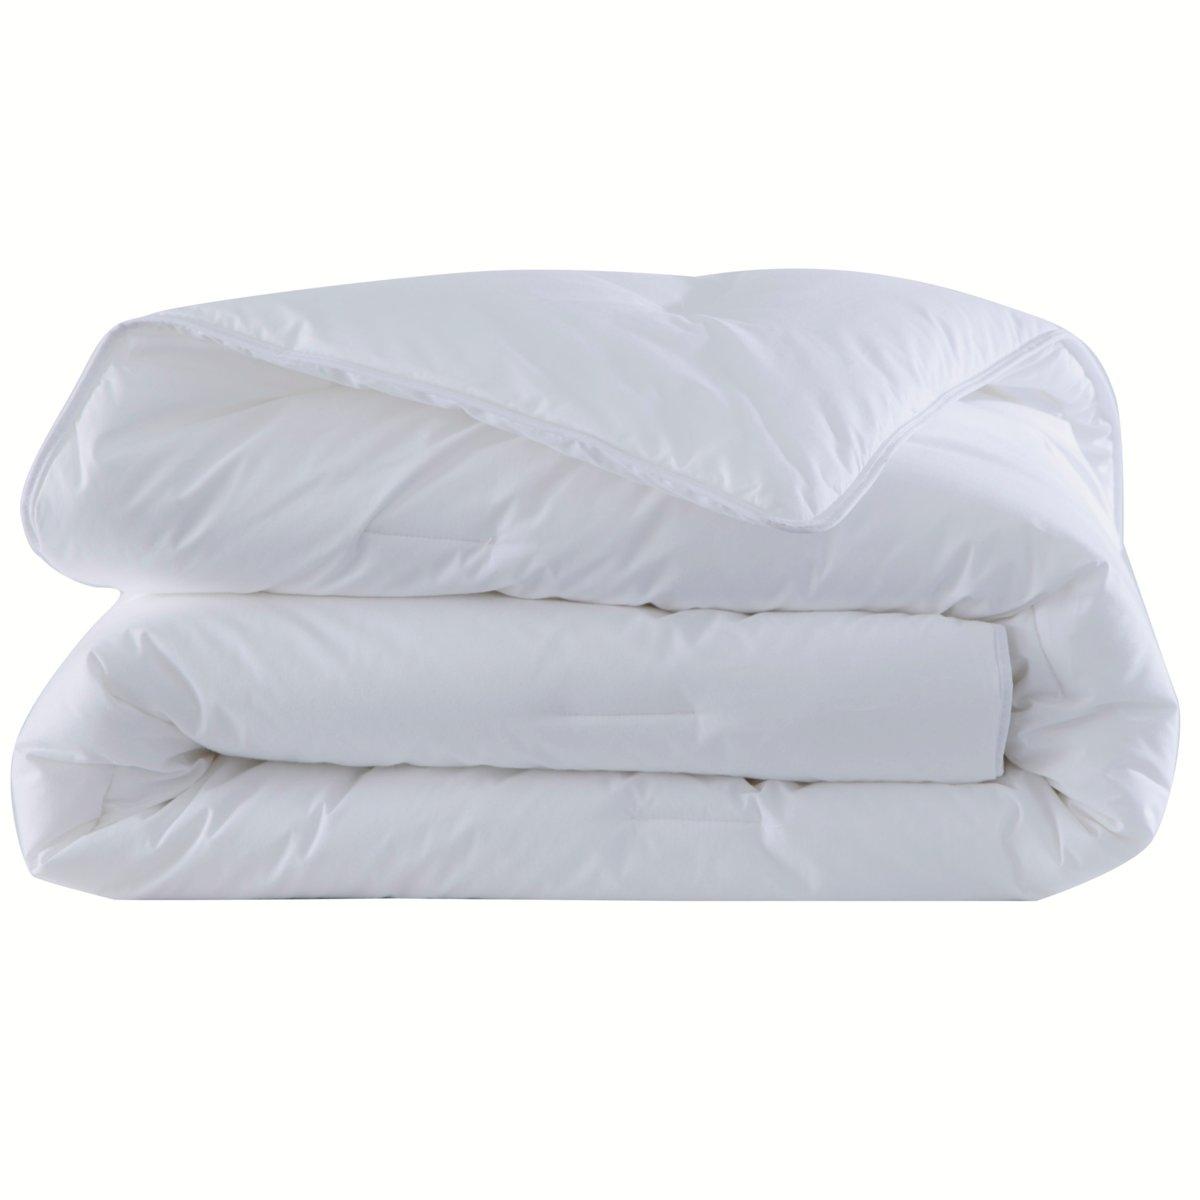 Одеяло синтетическое 350 г/м² Quallofil air, LESTRA